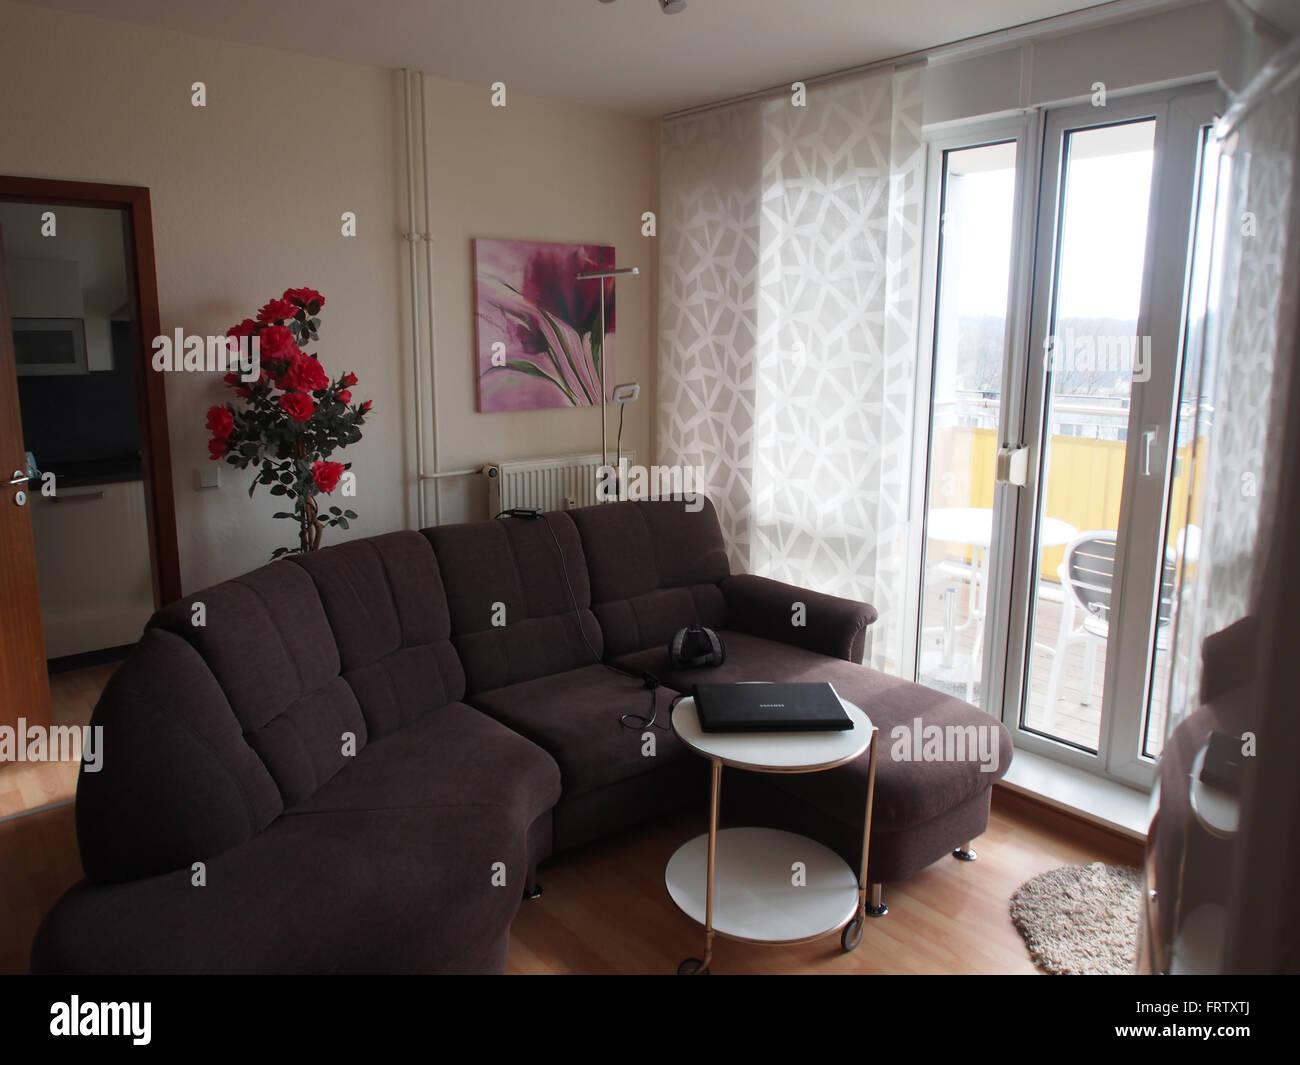 Stettiner Strasse 4, Interieur Bild 1 Foto de stock